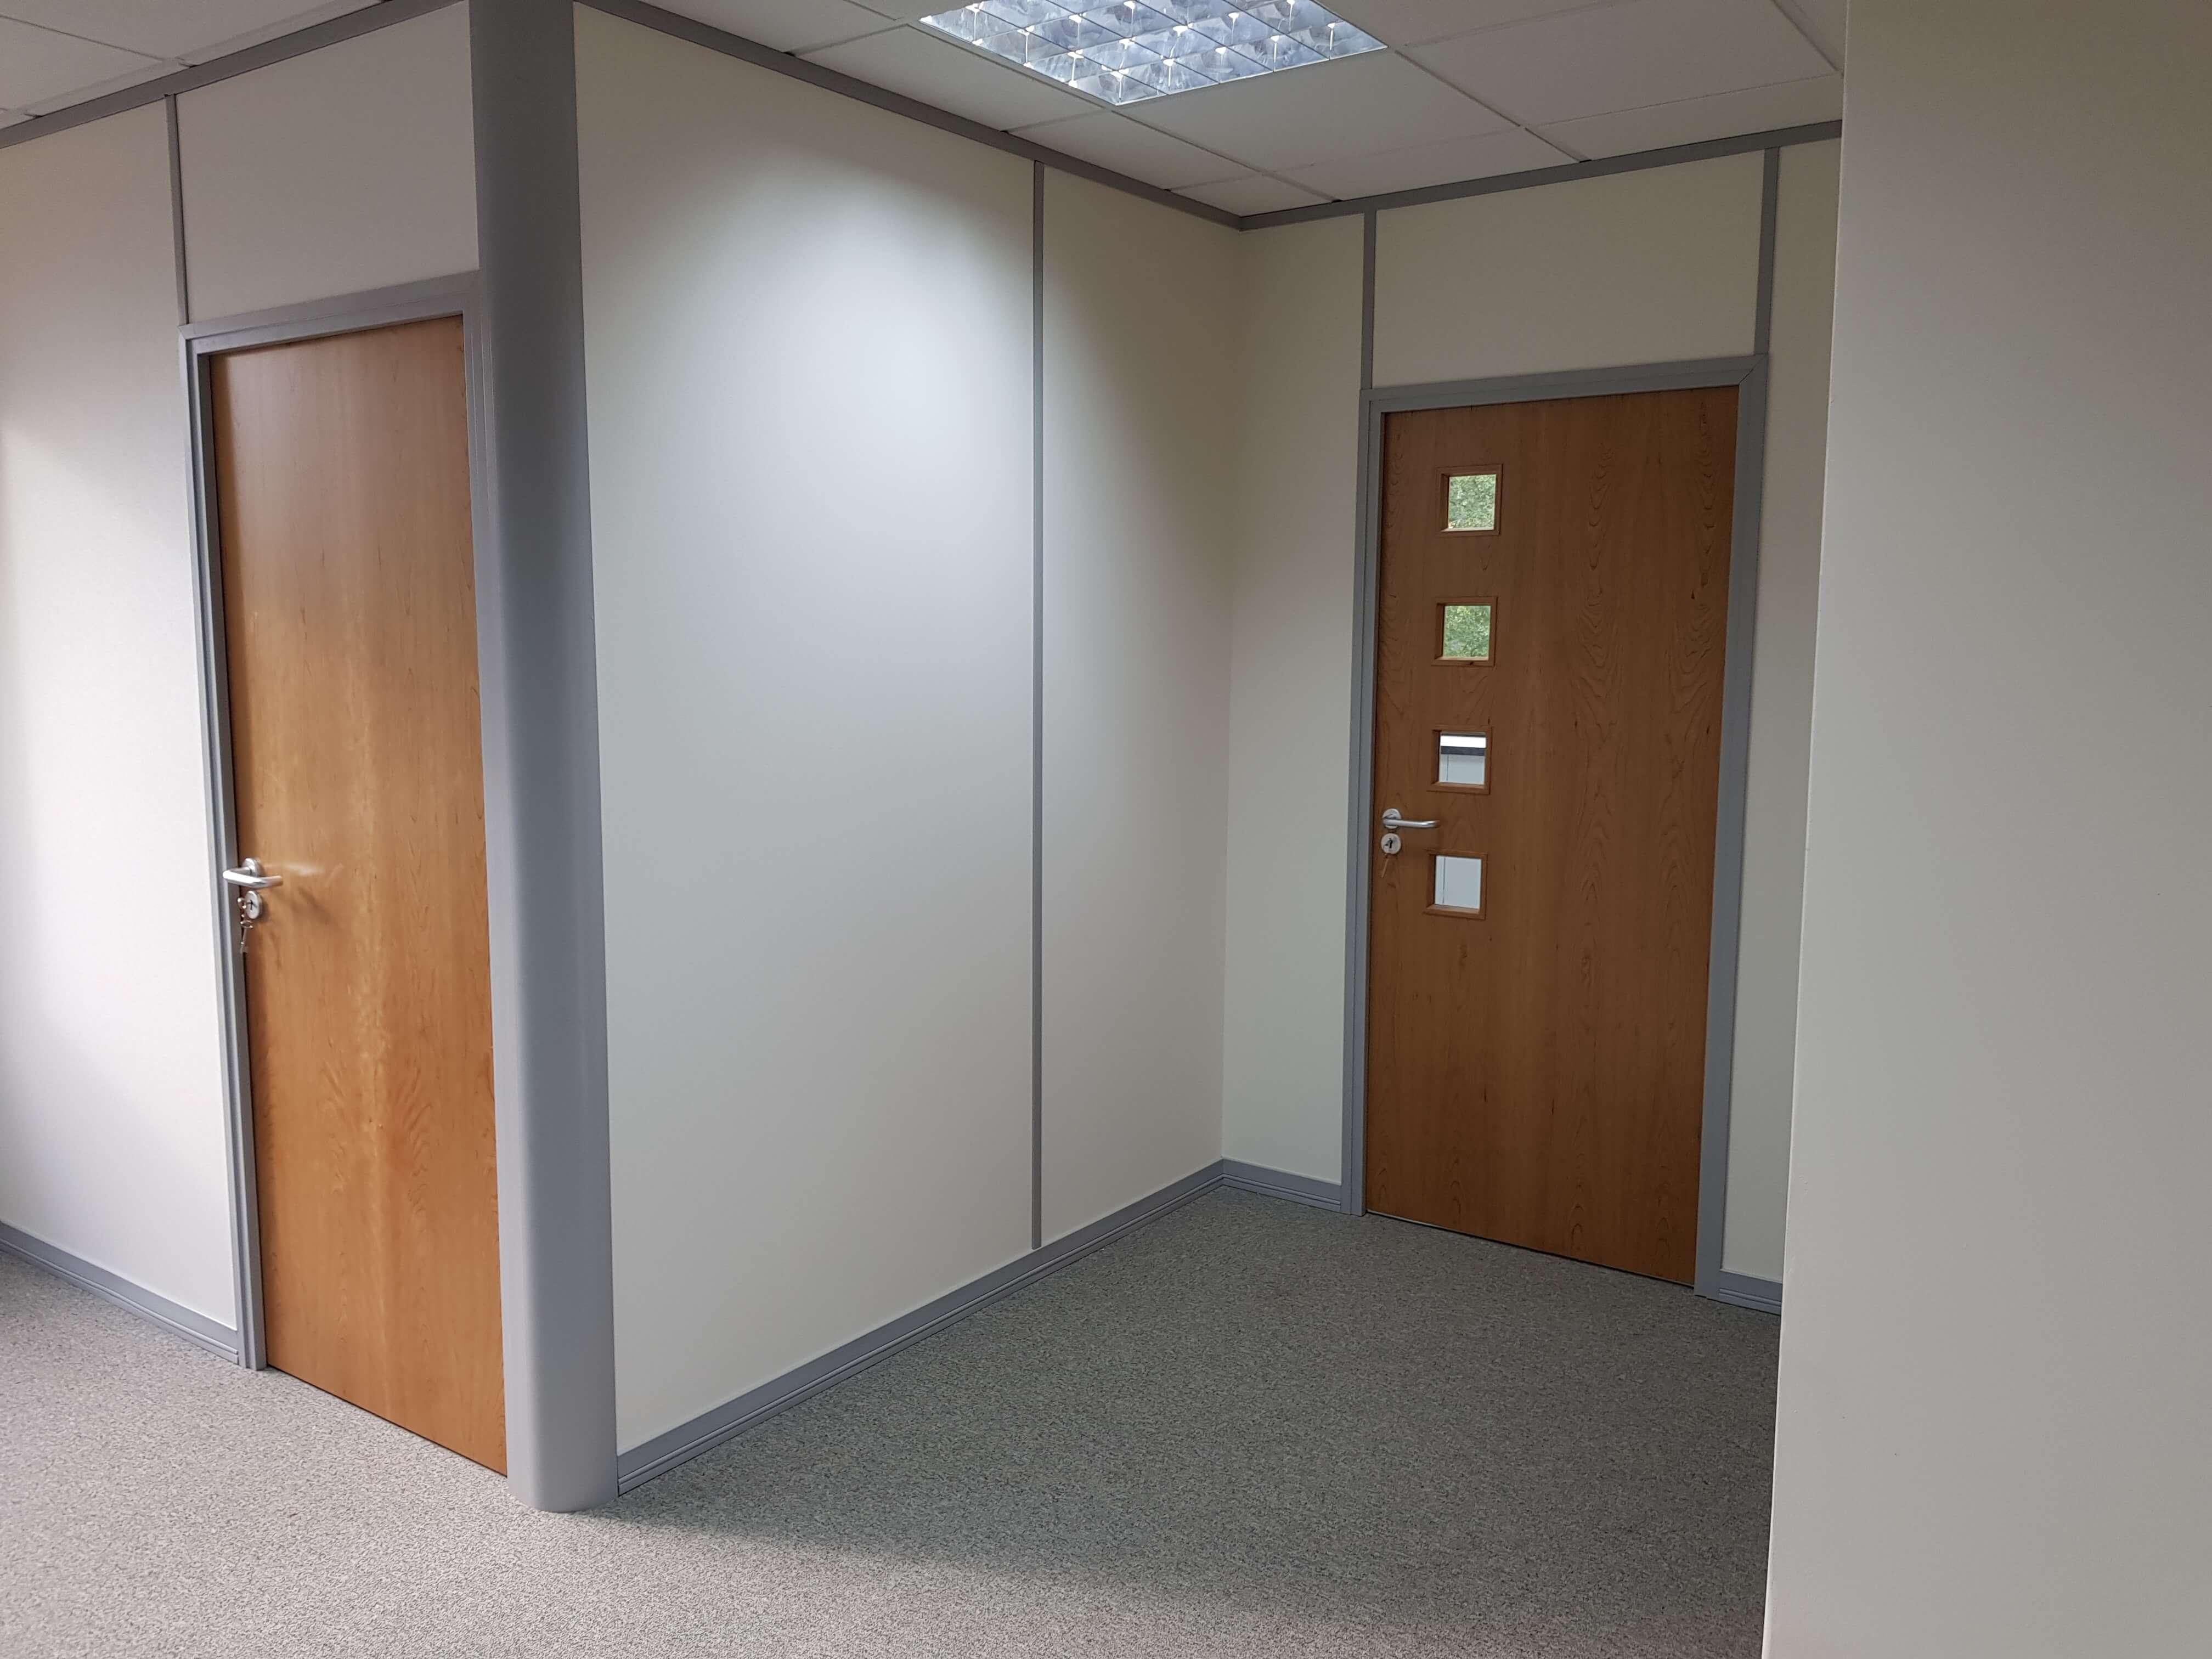 Finished server room and kitchen entrance